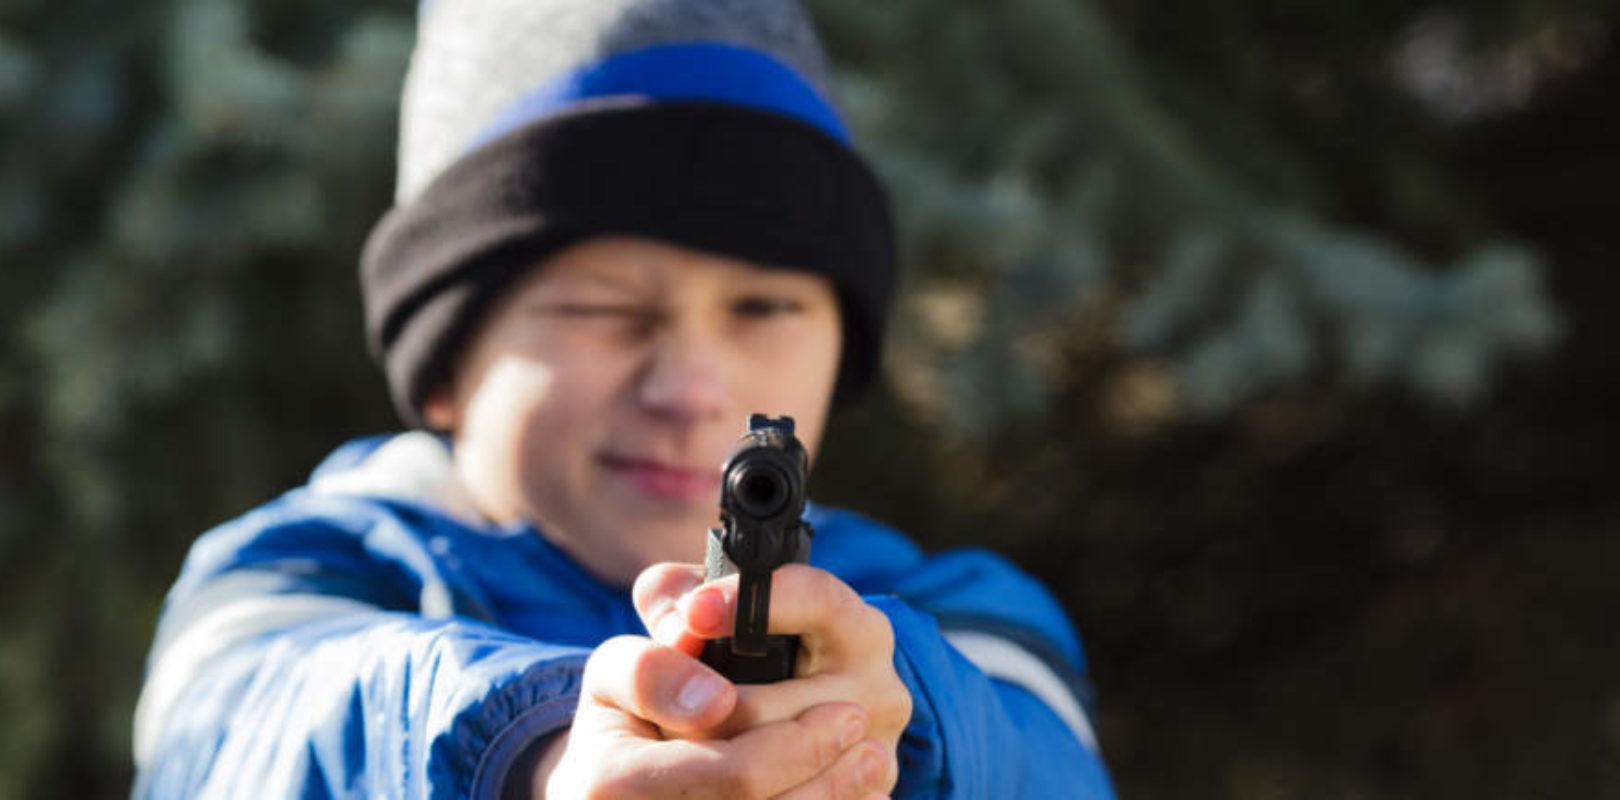 Spielzeugwaffen im Kinderzimmer gefährlich?